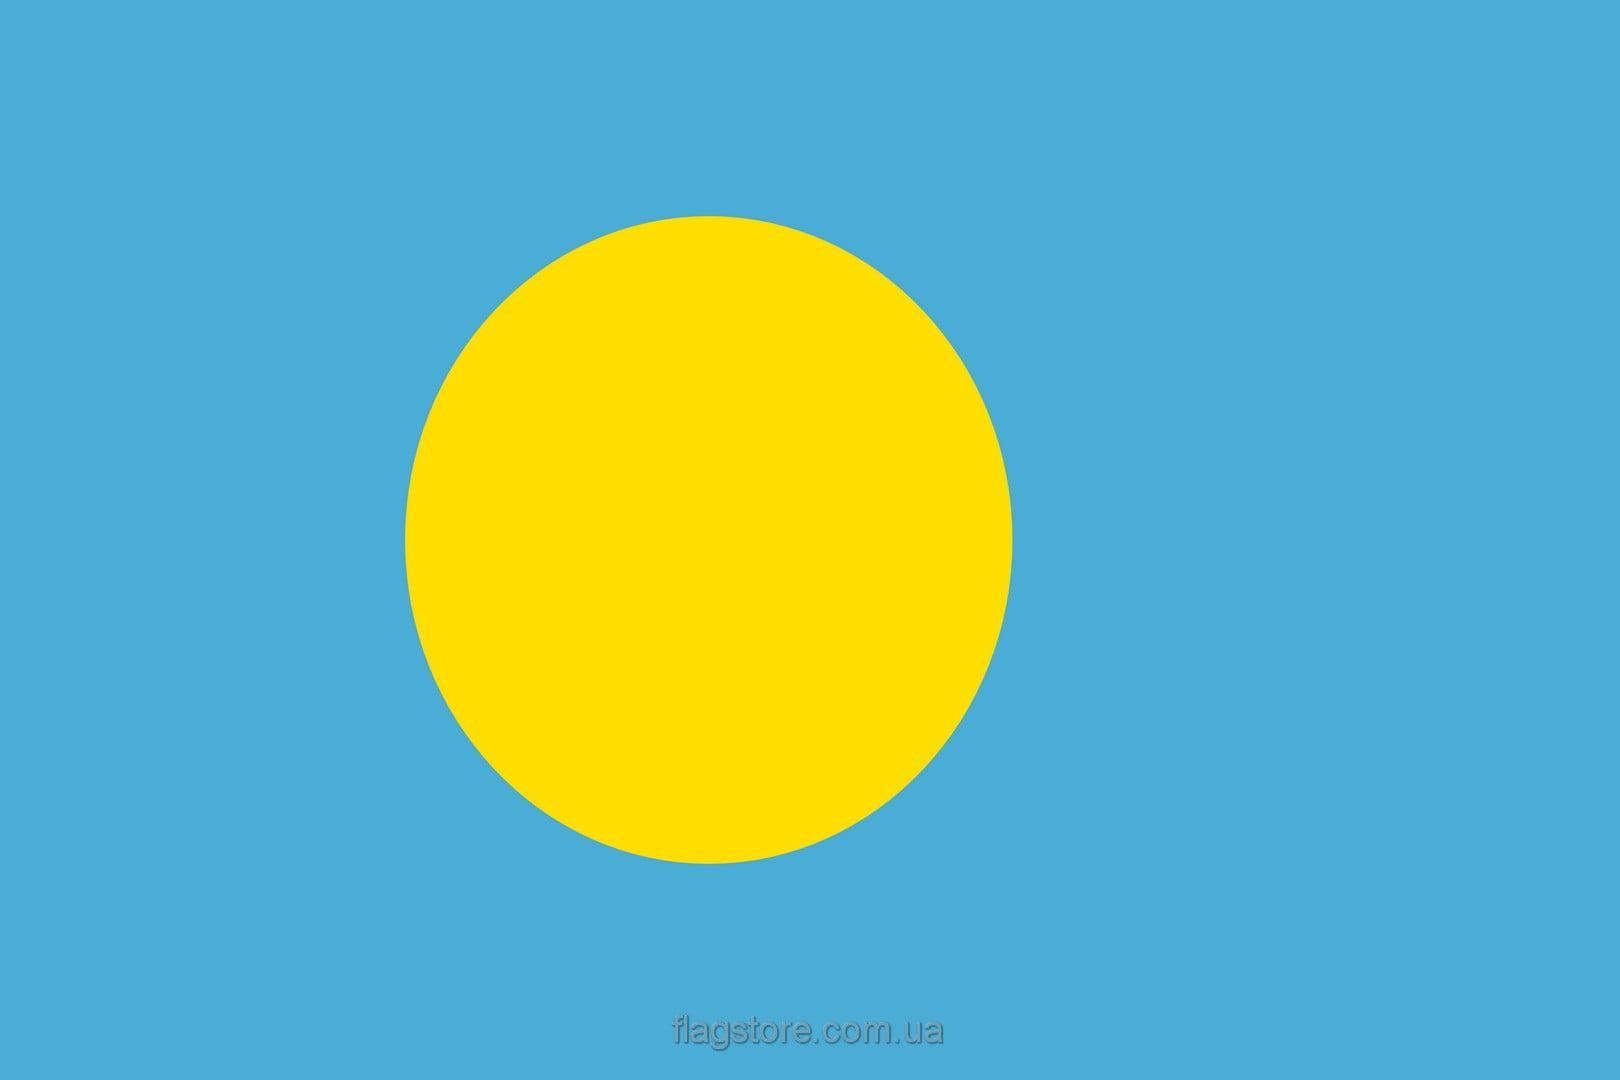 Купить флаг страны Палау